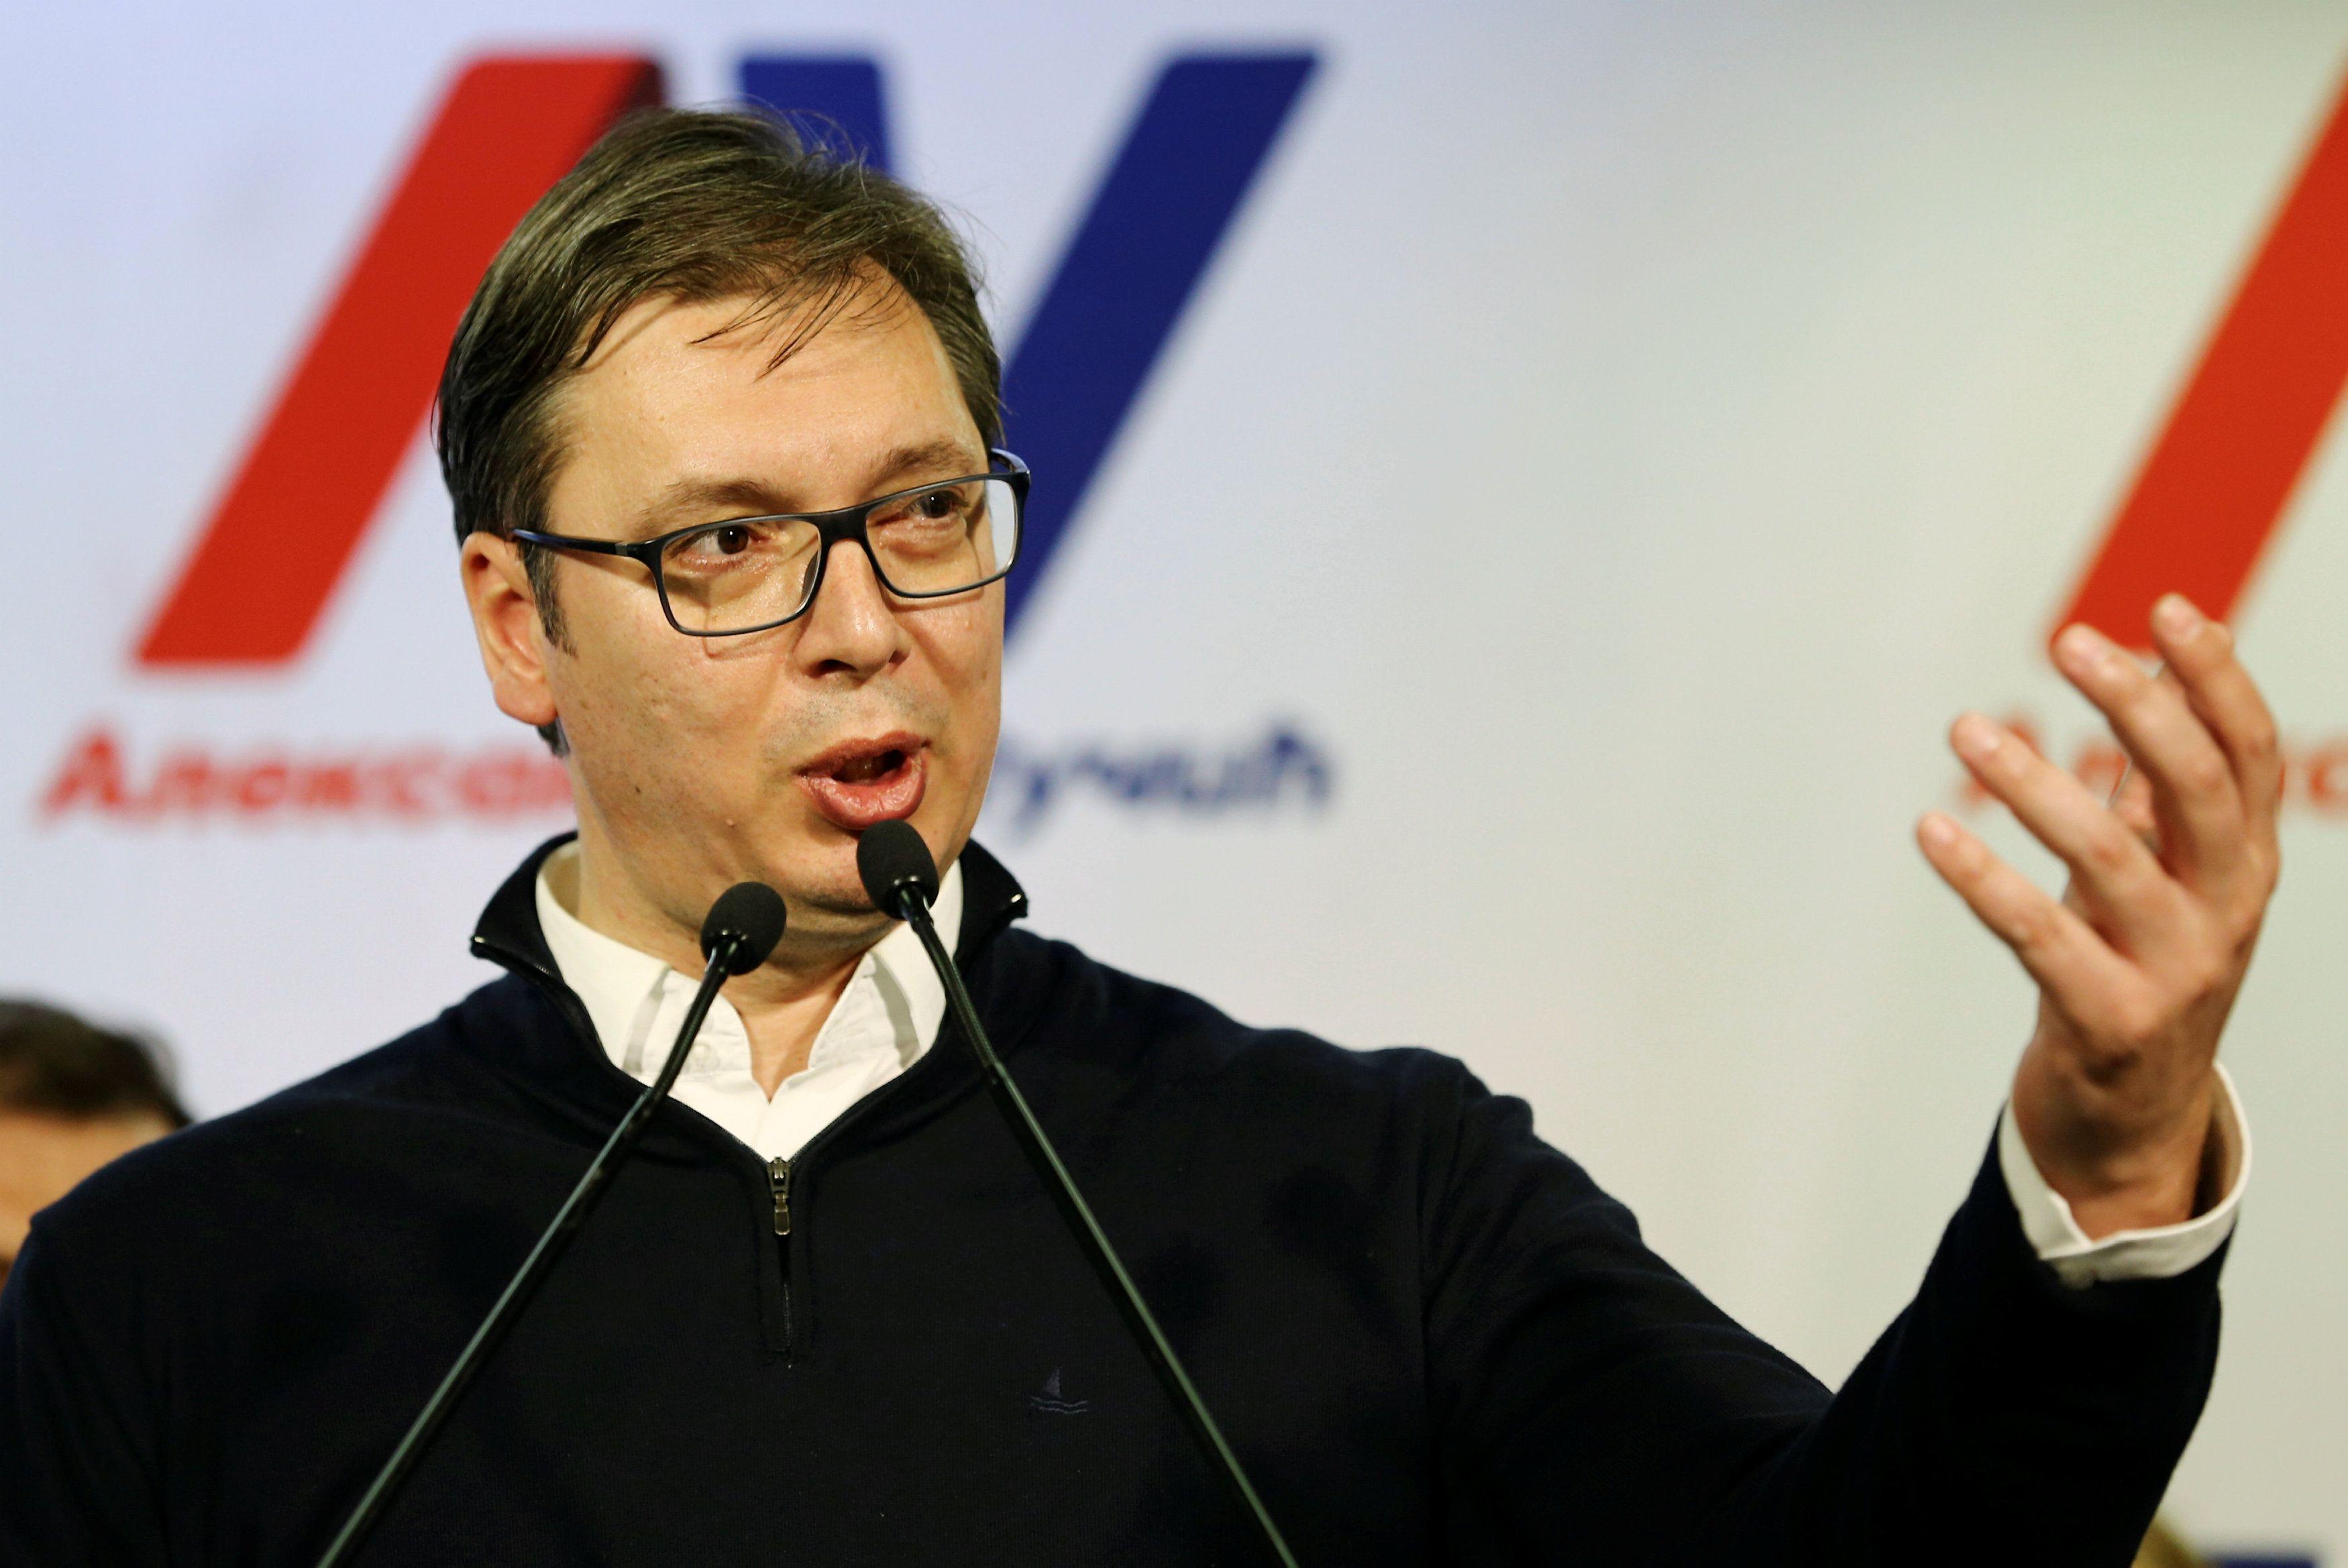 Александар Вучич сообщил, что Сербия пока не может признавать Крым